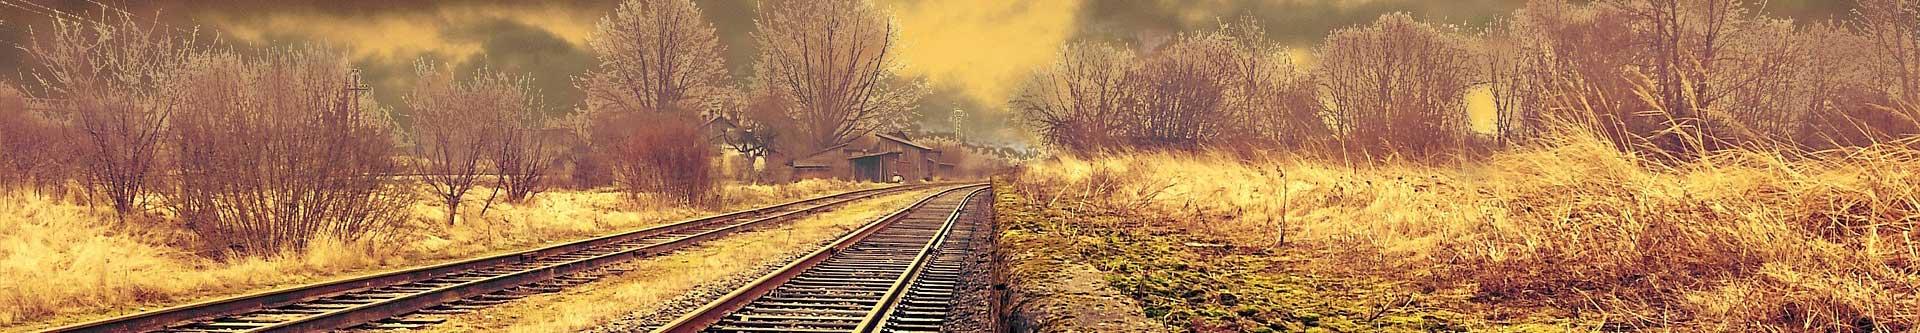 Railway scenic view